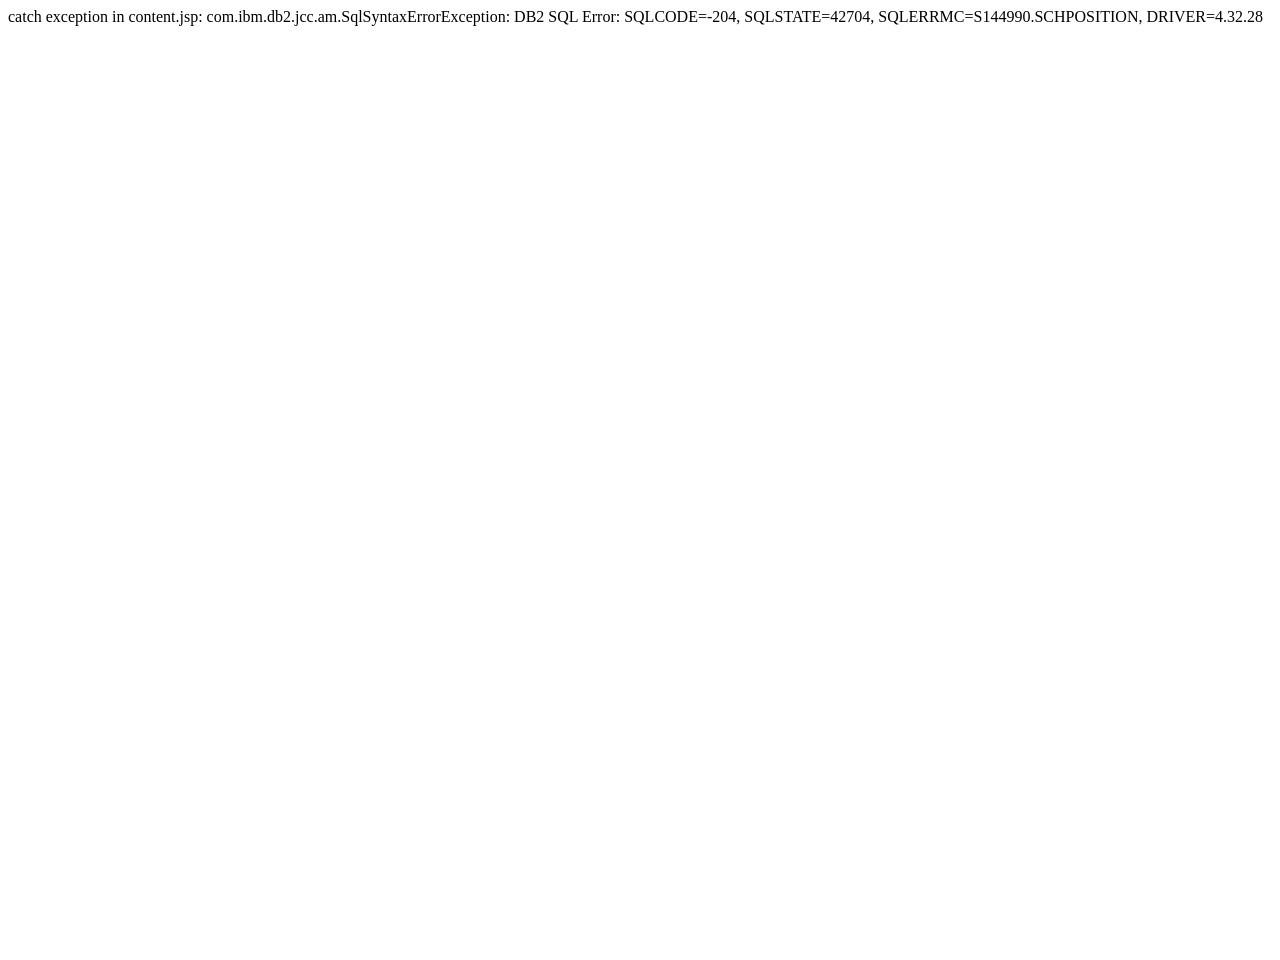 轉知嘉義縣體育會足球委員會辦理「嘉義縣過溝建德宮第23屆五王盃足球錦標賽」,請查照。